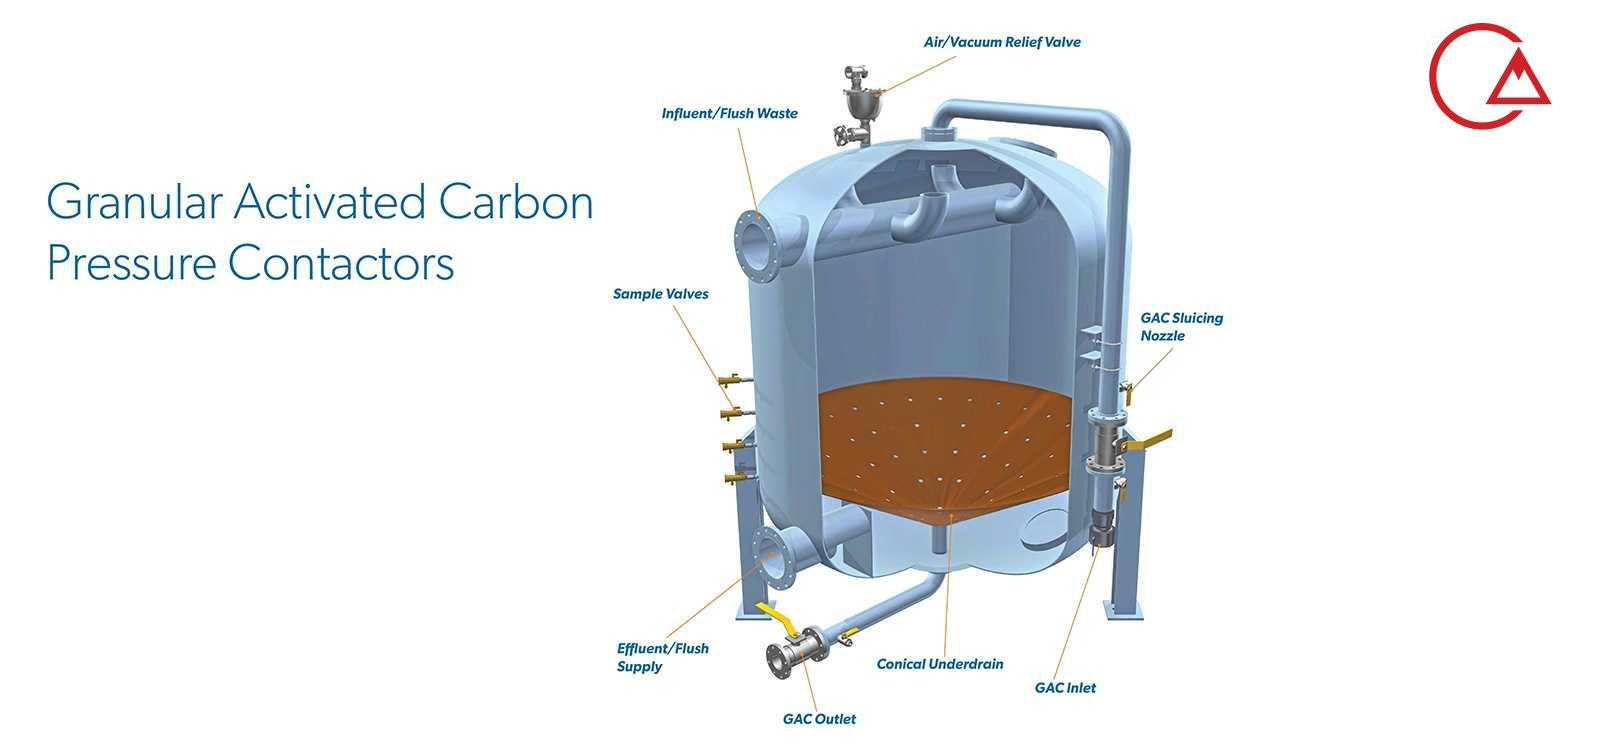 ساختار پکیج فیلتر تحت فشار کربن فعال